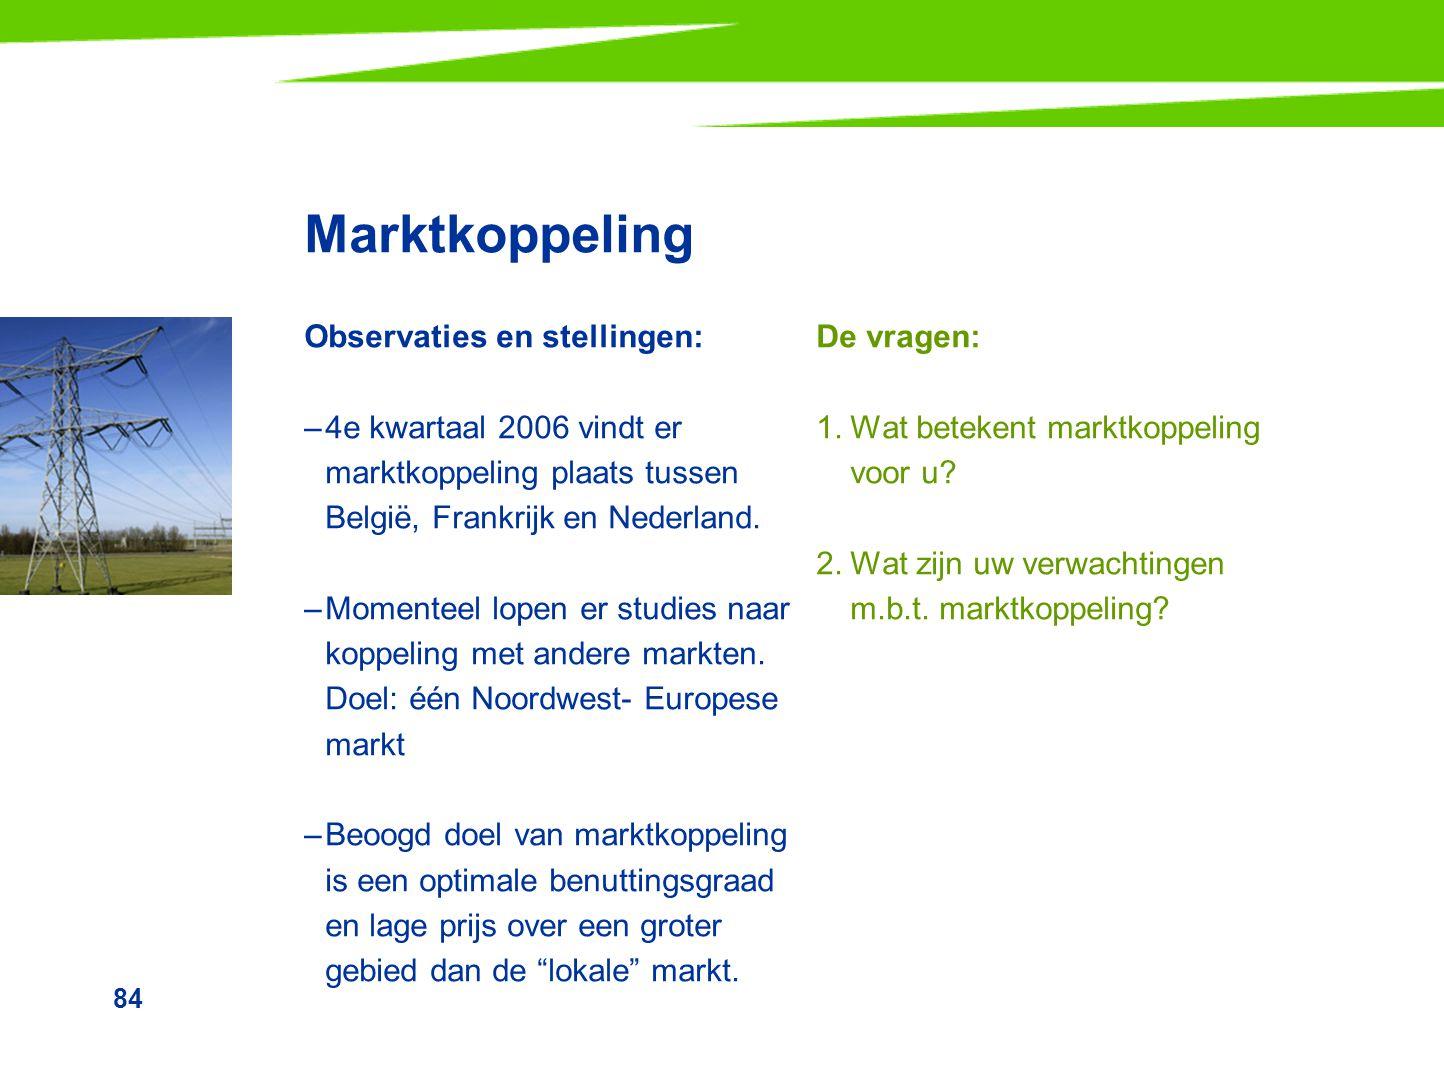 84 Marktkoppeling Observaties en stellingen: –4e kwartaal 2006 vindt er marktkoppeling plaats tussen België, Frankrijk en Nederland. –Momenteel lopen